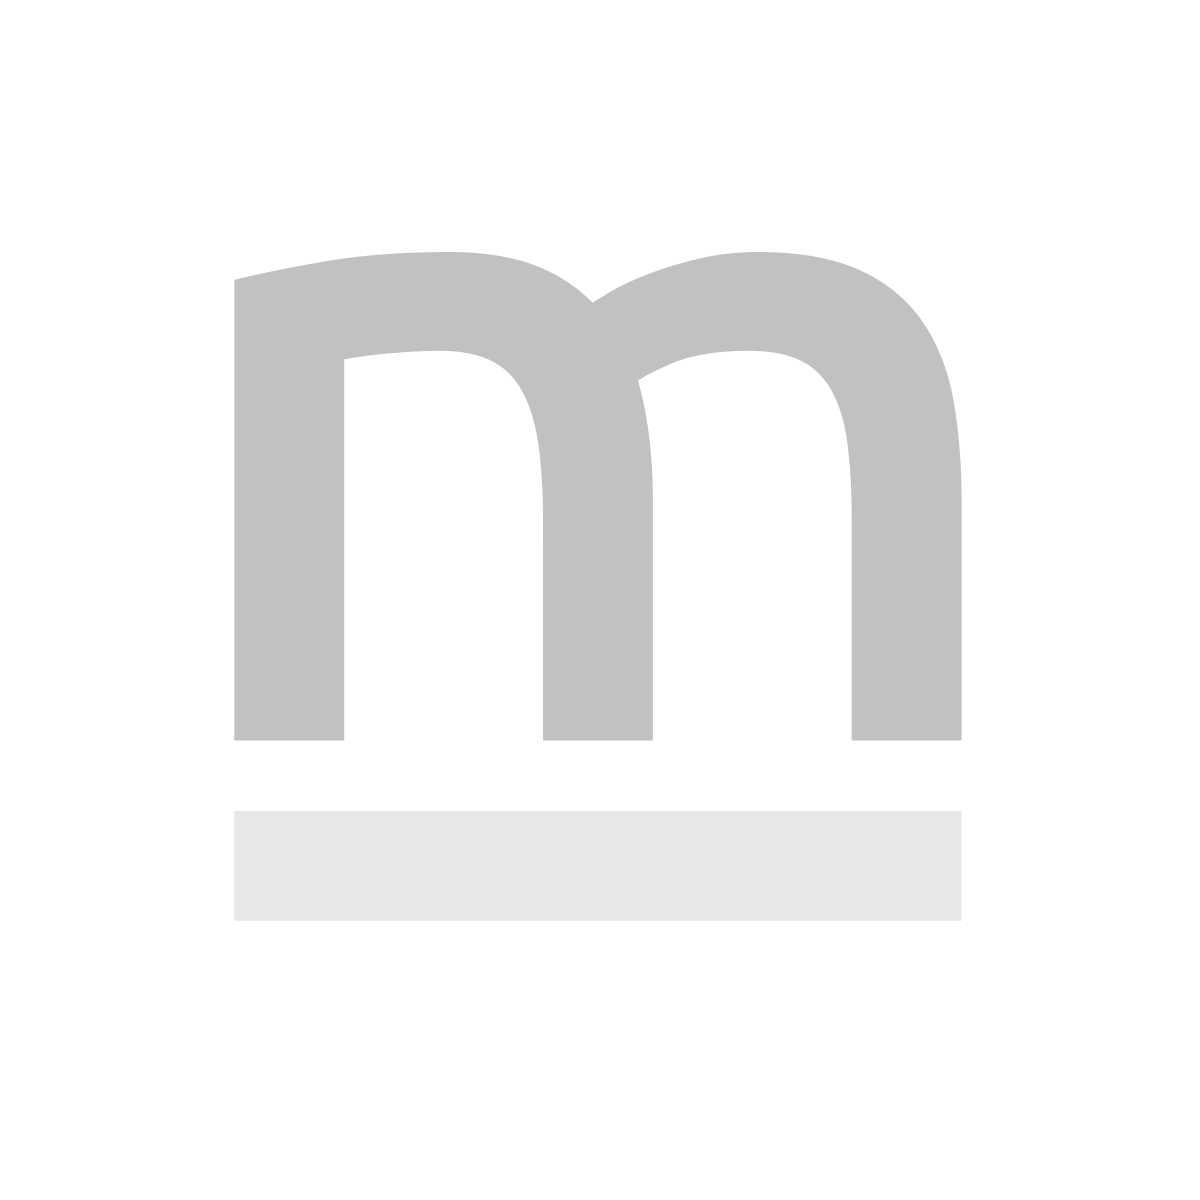 Krzesło CLAUDINE 1 BL VELVET szare